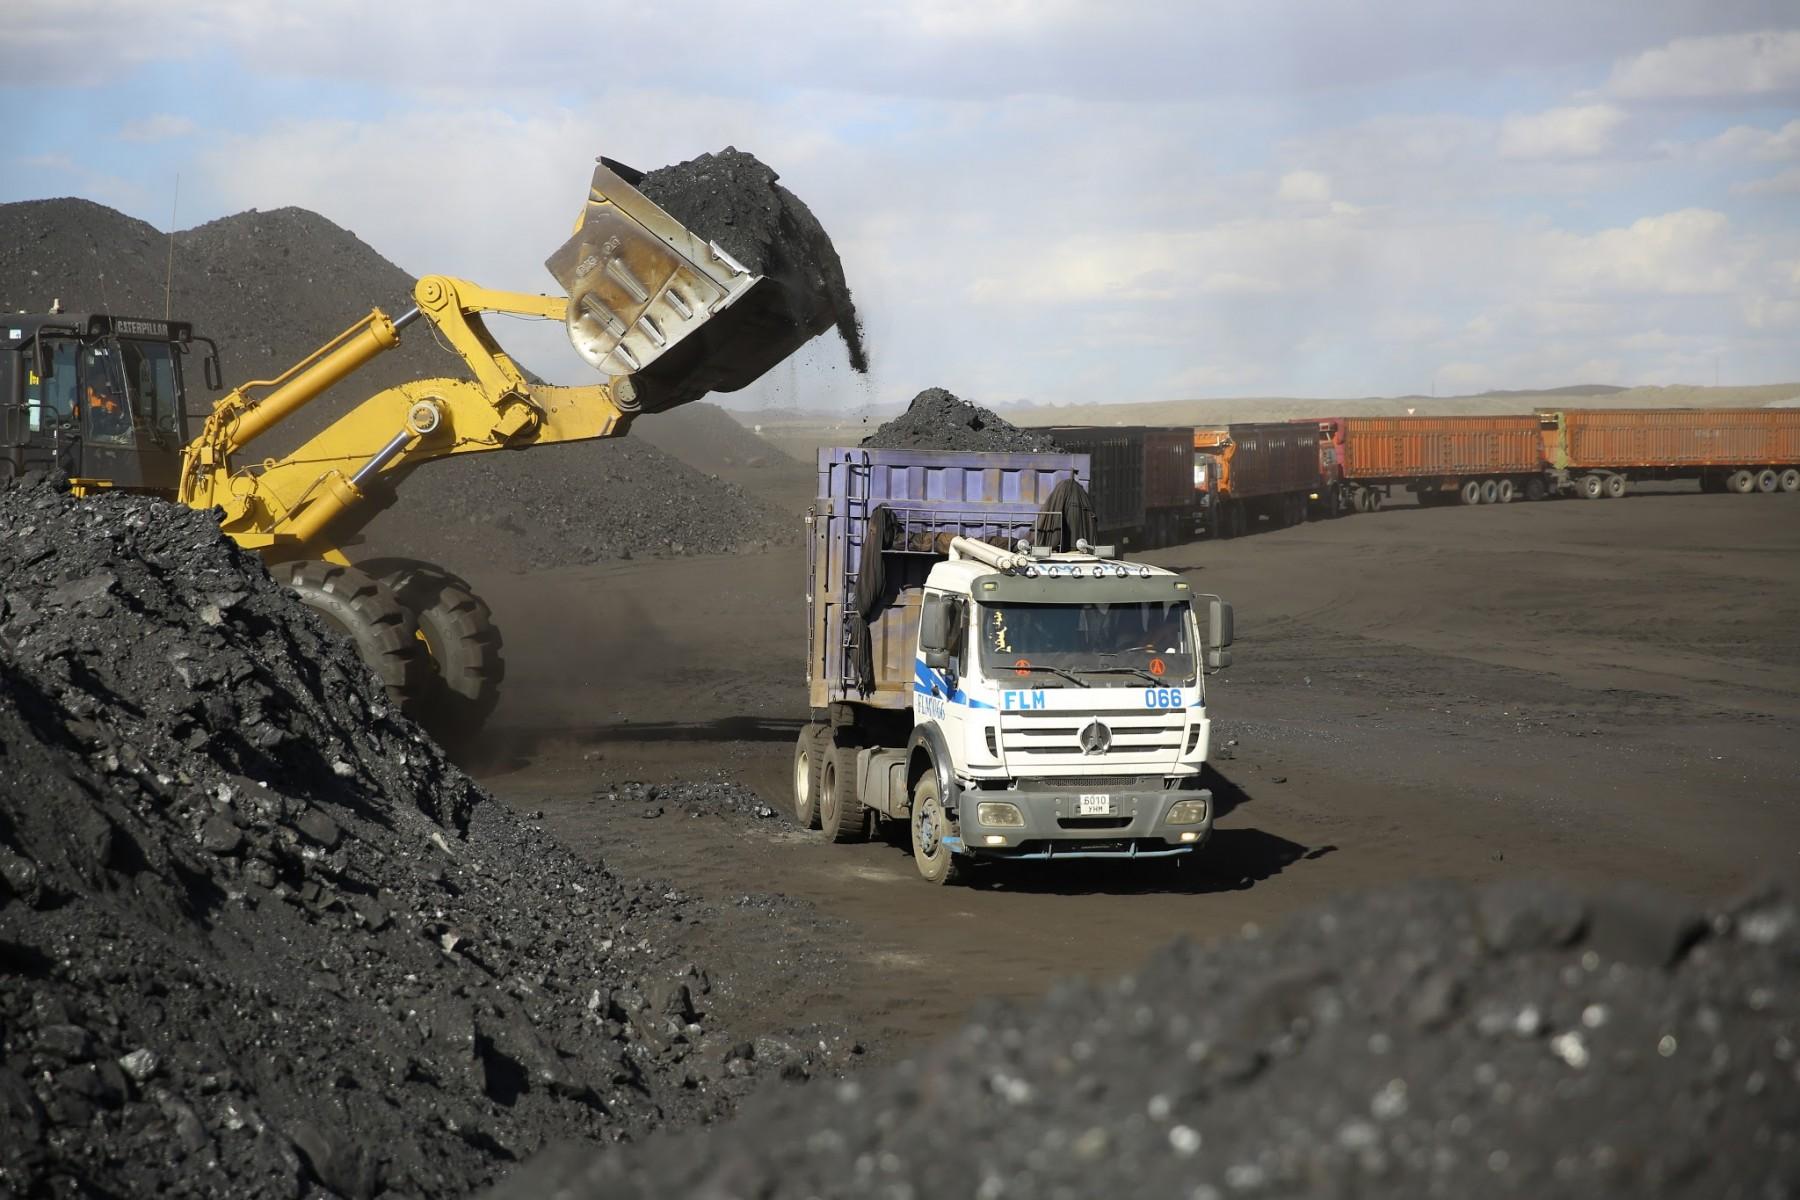 Монгол улс 2020 онд 28.5 сая тонн нүүрс экспортолсон байна